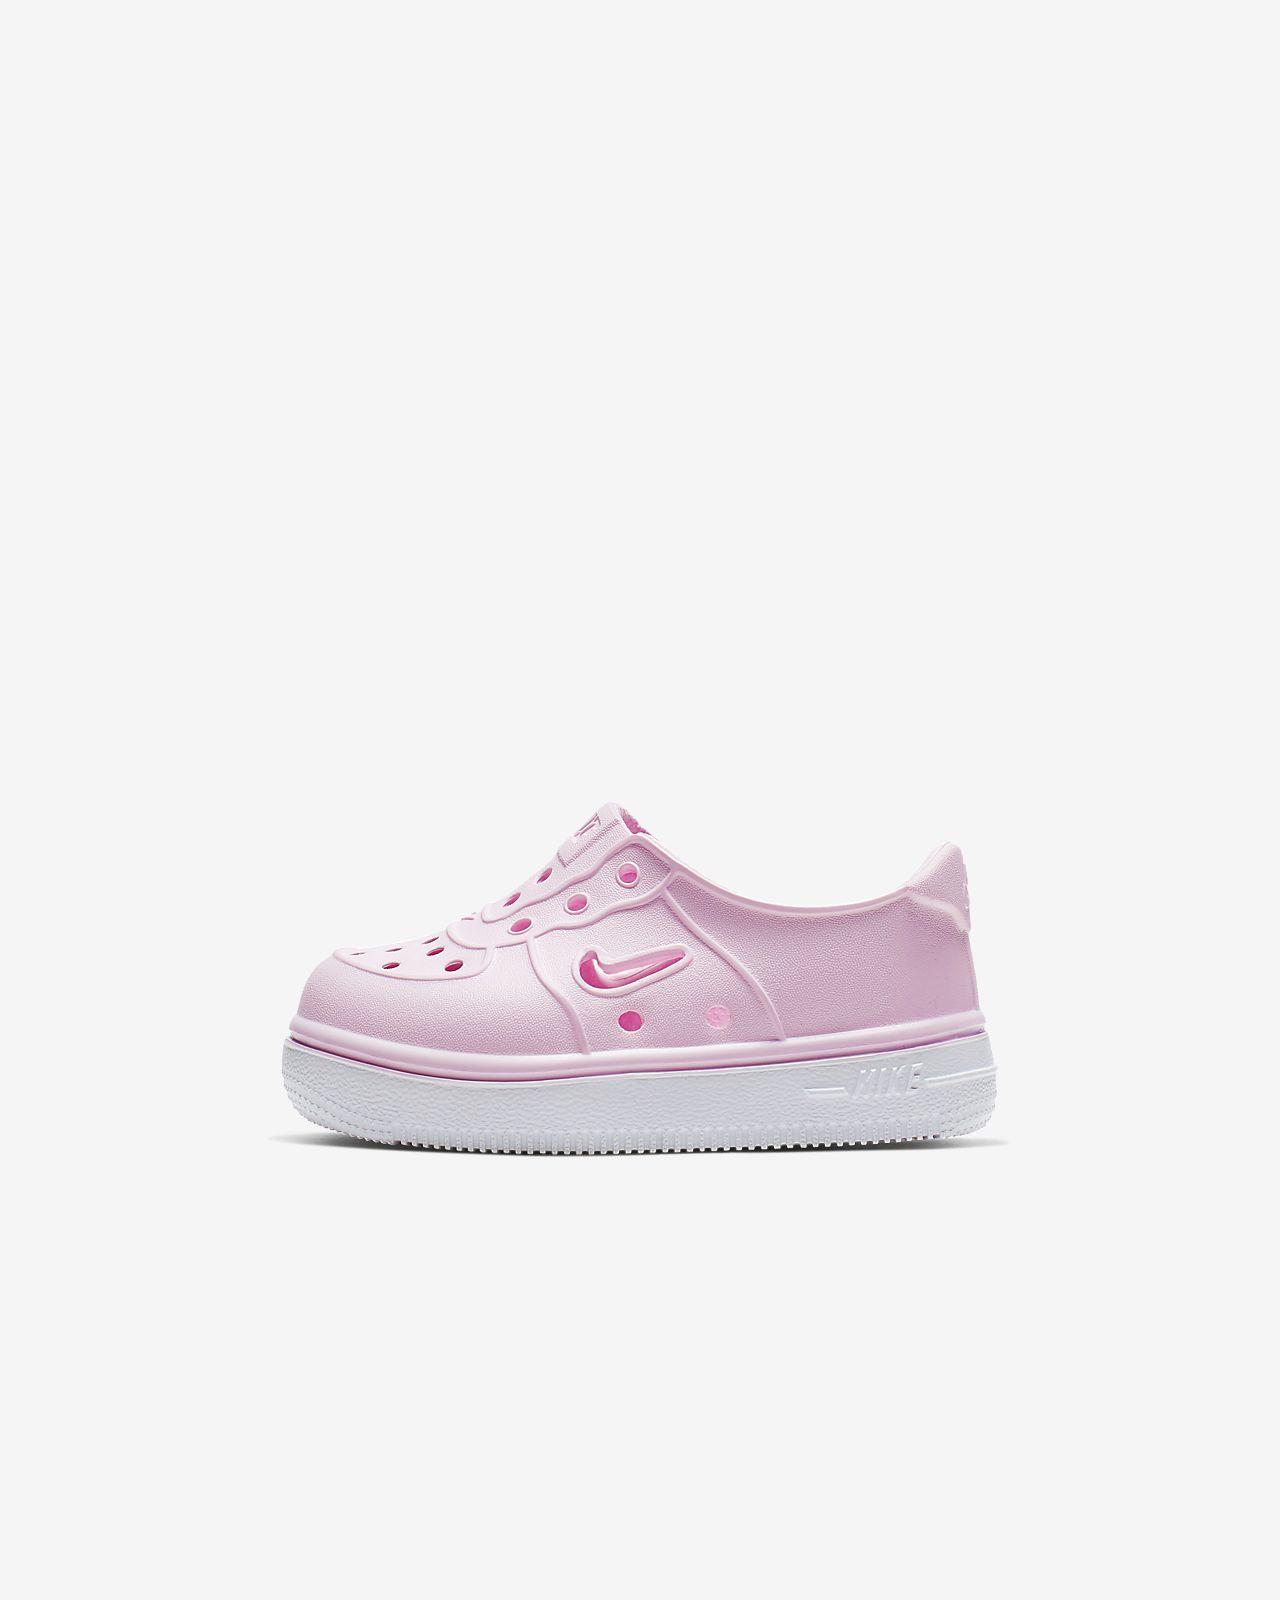 Buty dla niemowląt Nike Foam Force 1